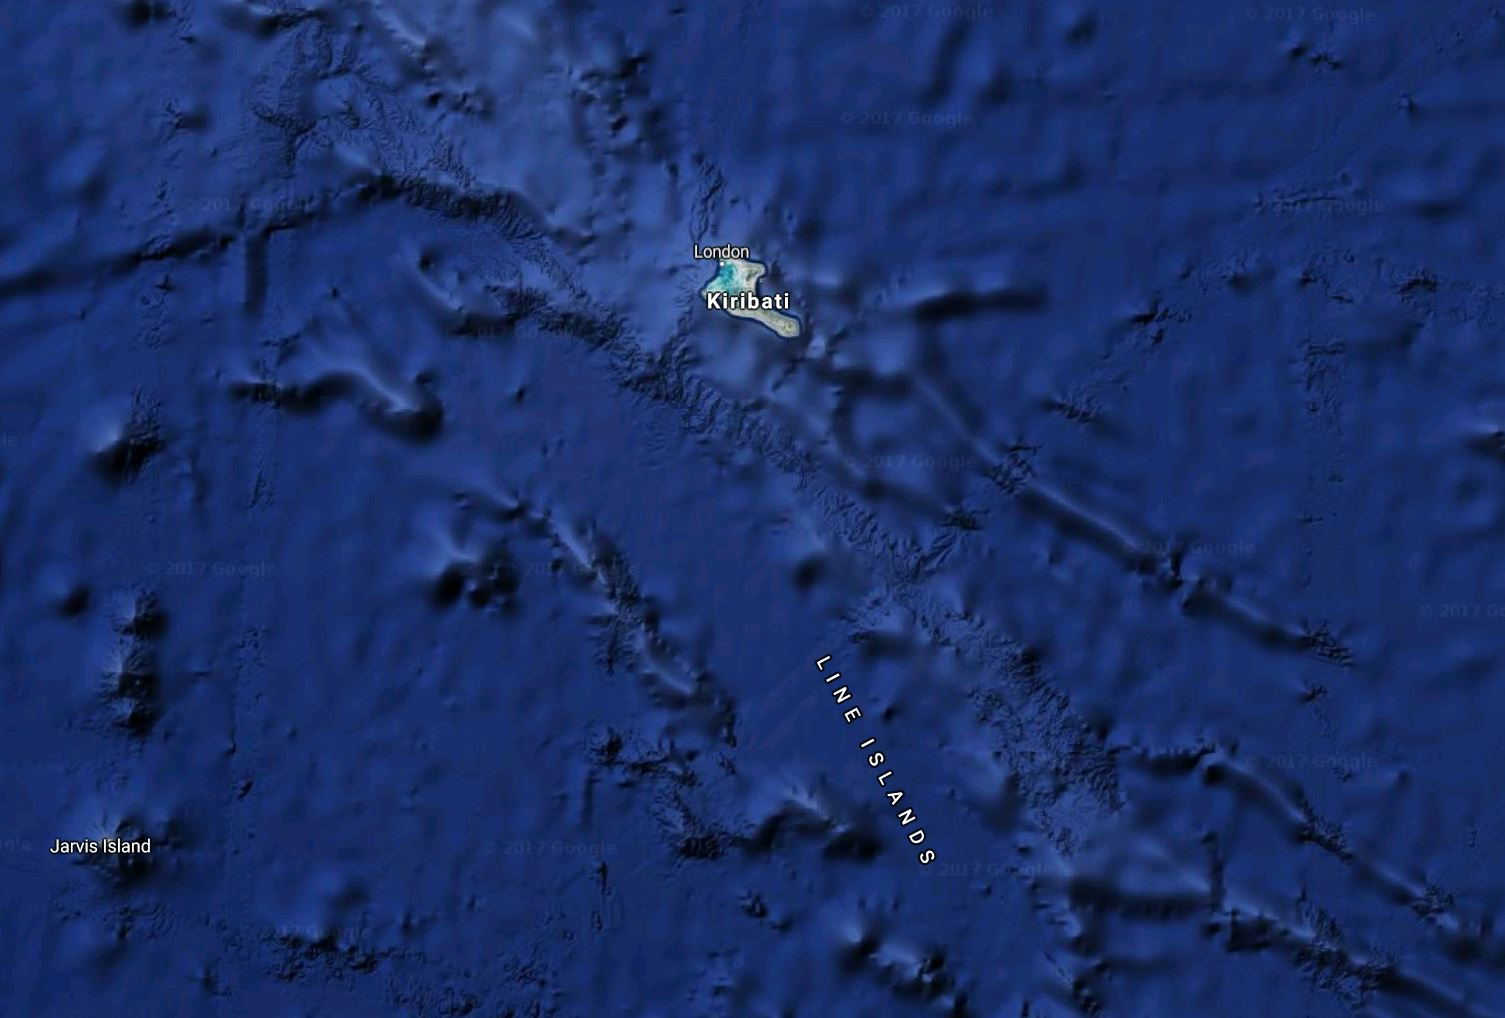 Arctic DX: QSL: Radio Kiribati, Kiritimati/Christmas Island, 846